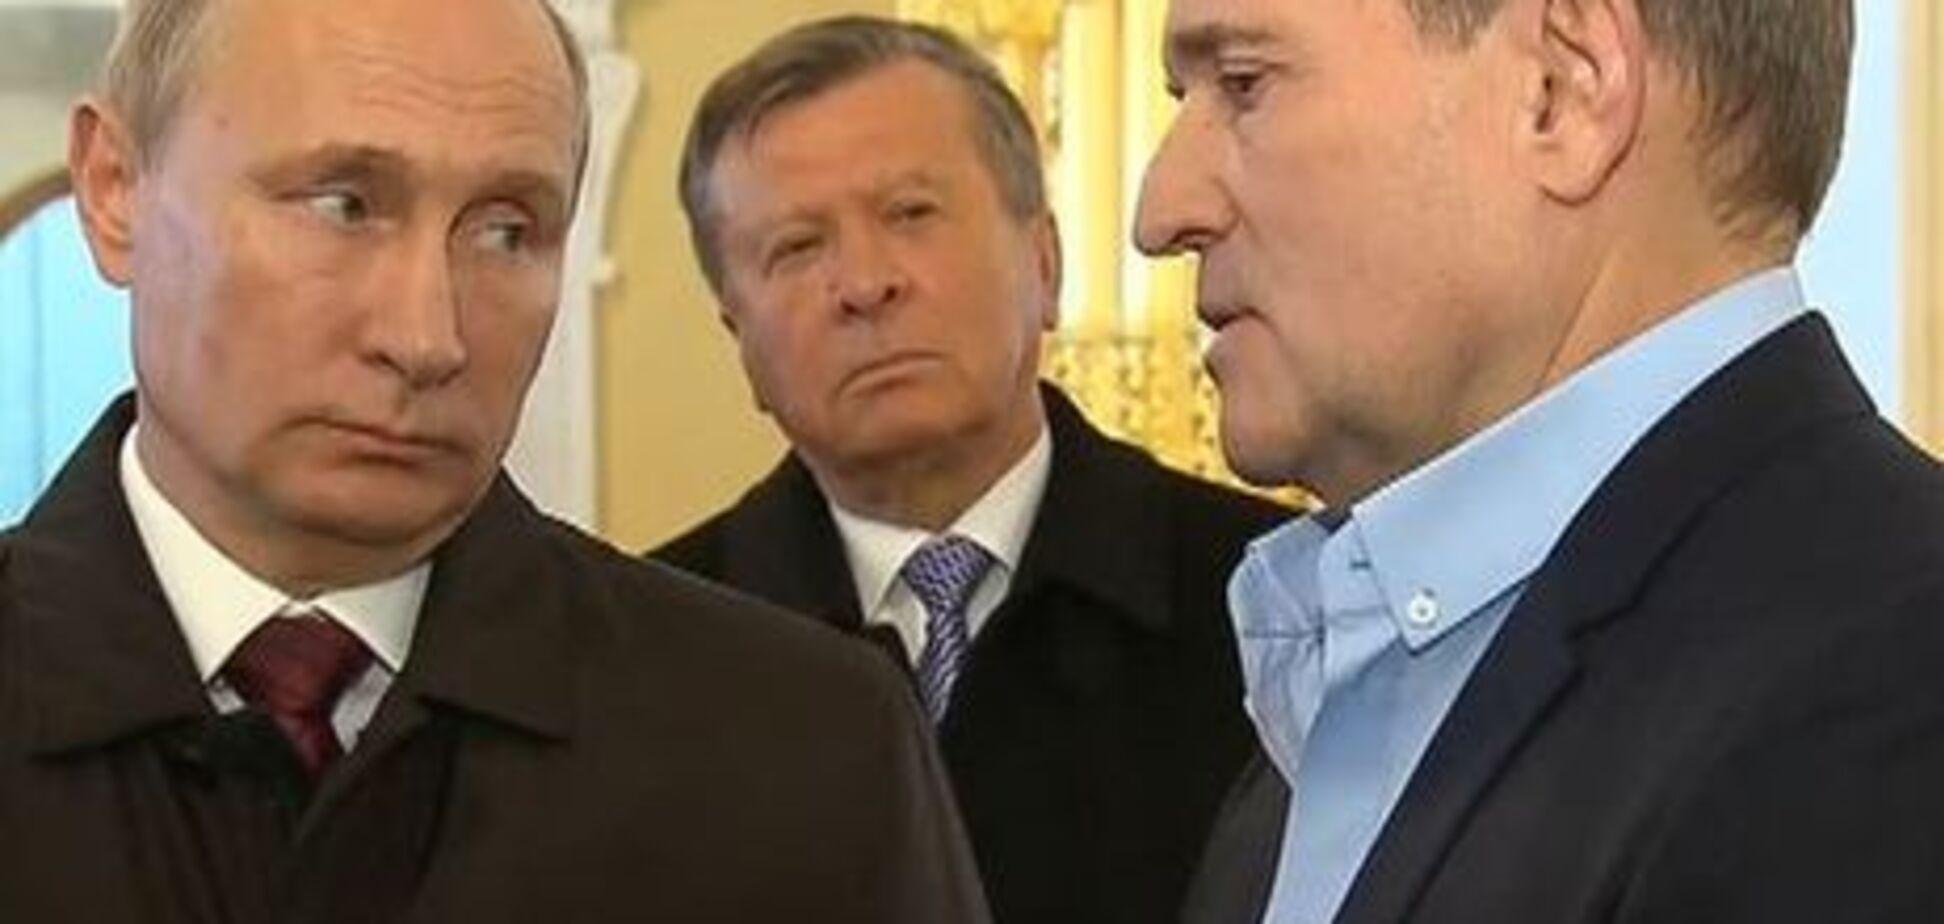 Дело не в пленных: озвучено две причины переговоров Путина с главарями 'Л/ДНР'